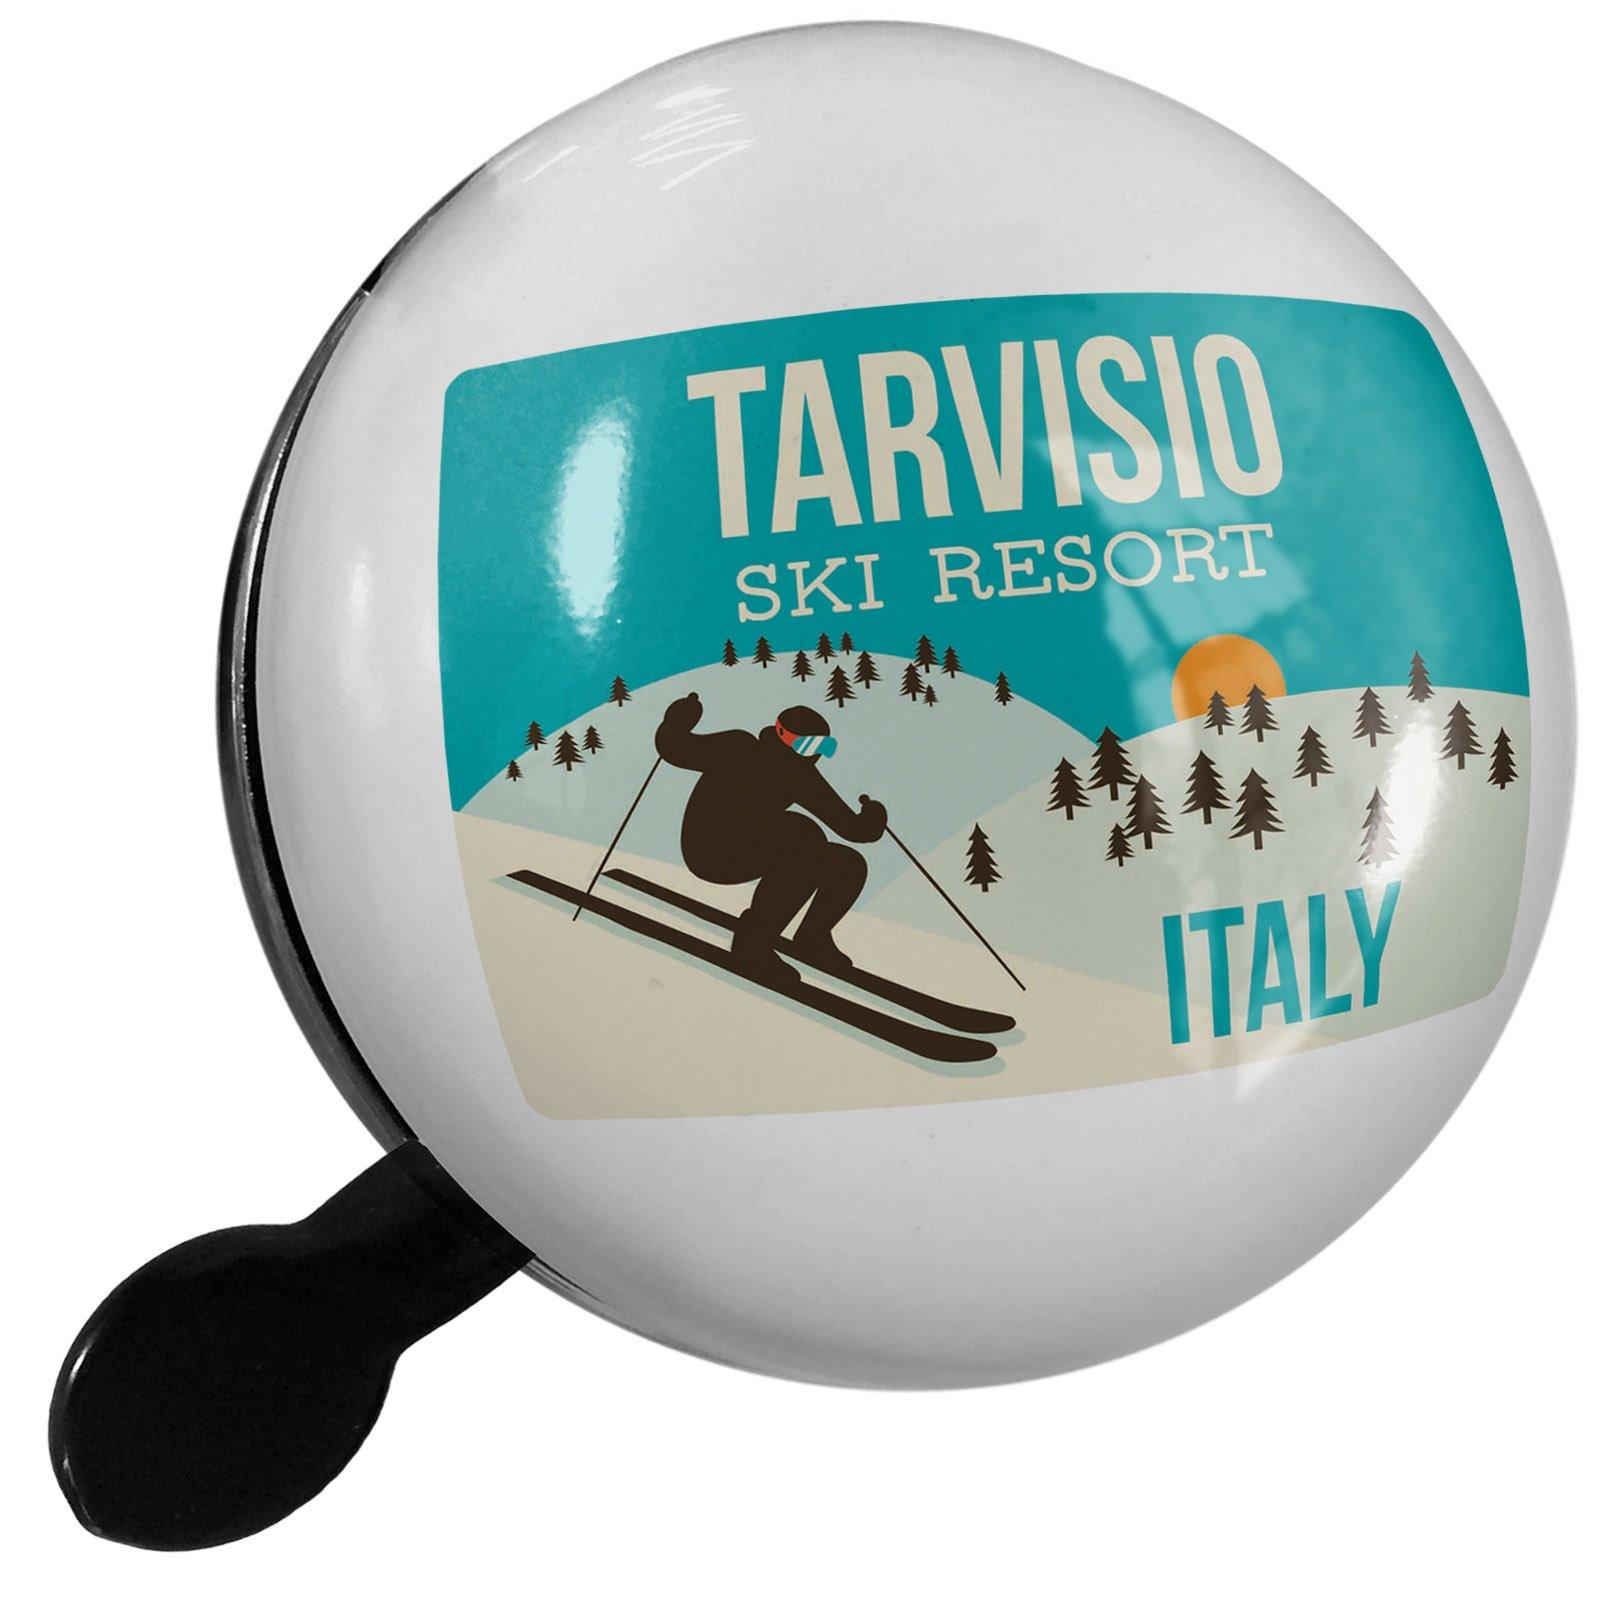 Small Bike Bell Tarvisio Ski Resort - Italy Ski Resort - NEONBLOND